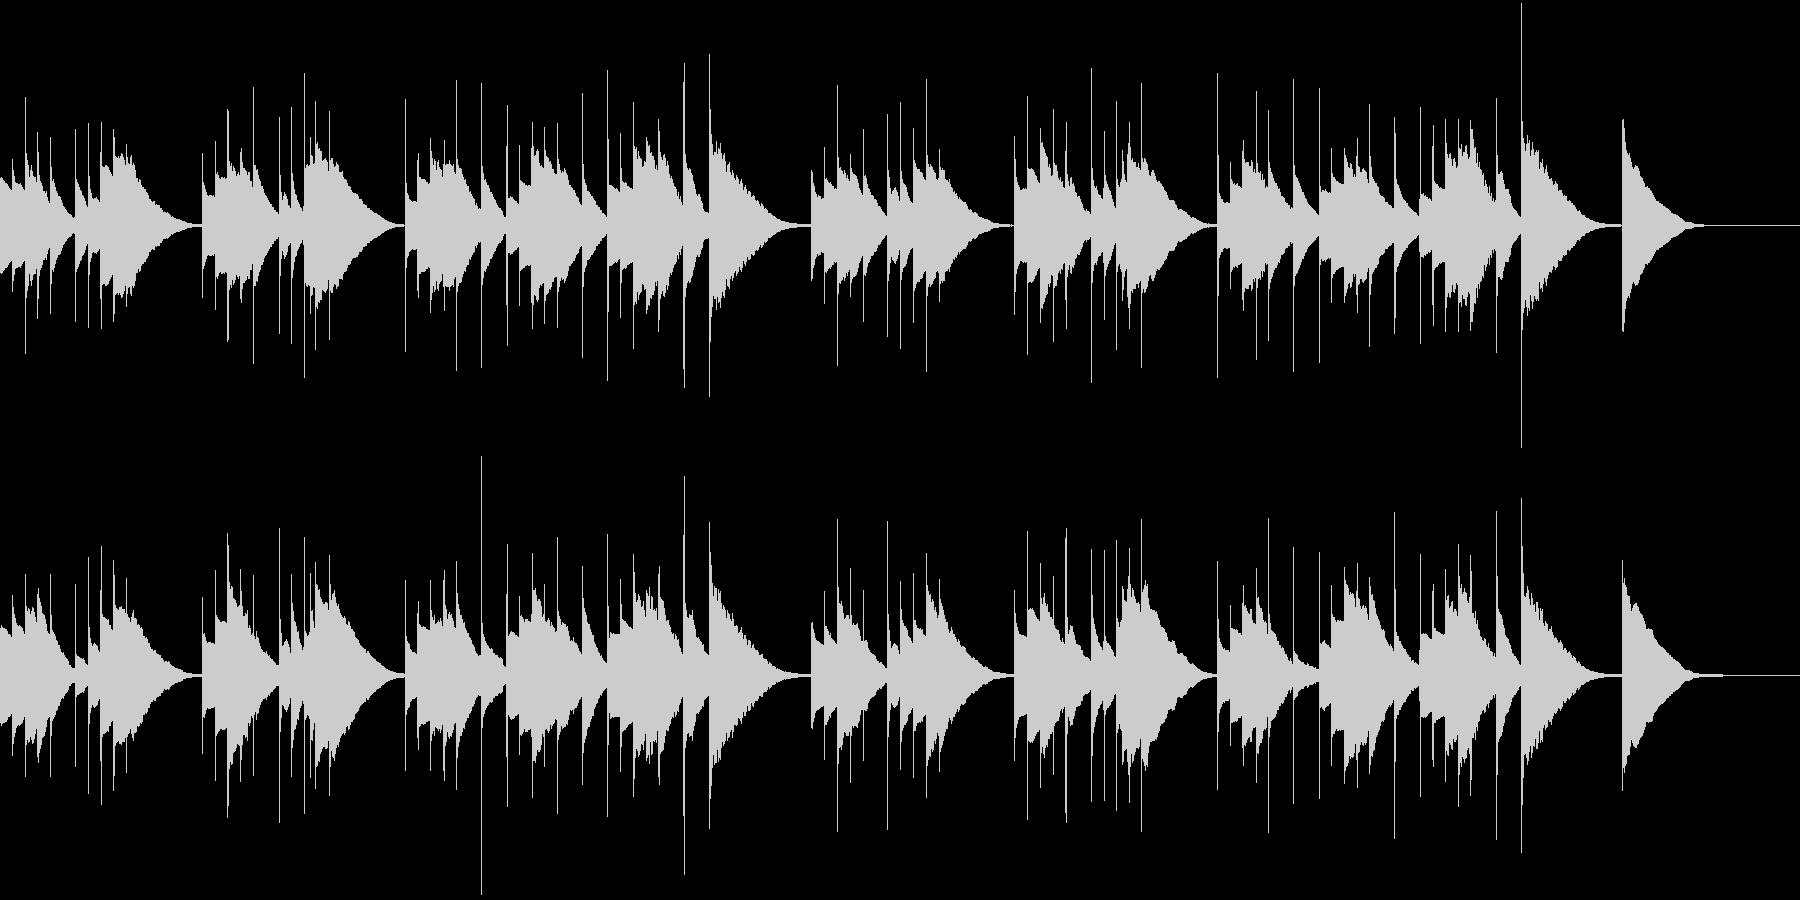 オルゴールを使ったとても悲しい雰囲気の曲の未再生の波形